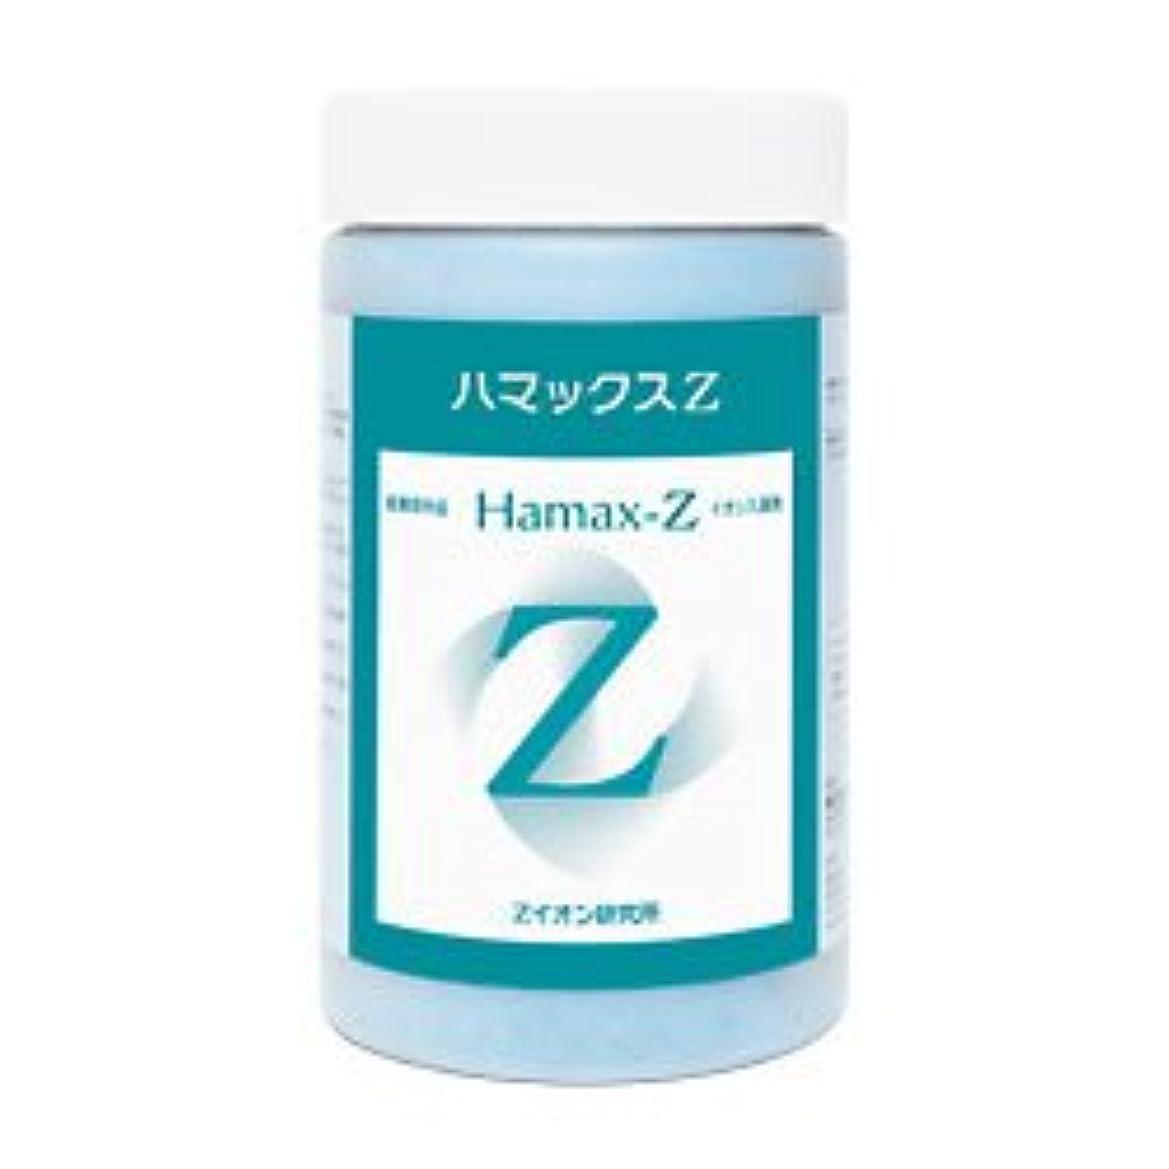 ピュー大事にするサイトライン医薬部外品 イオン入湯剤ハマックスZ 700g